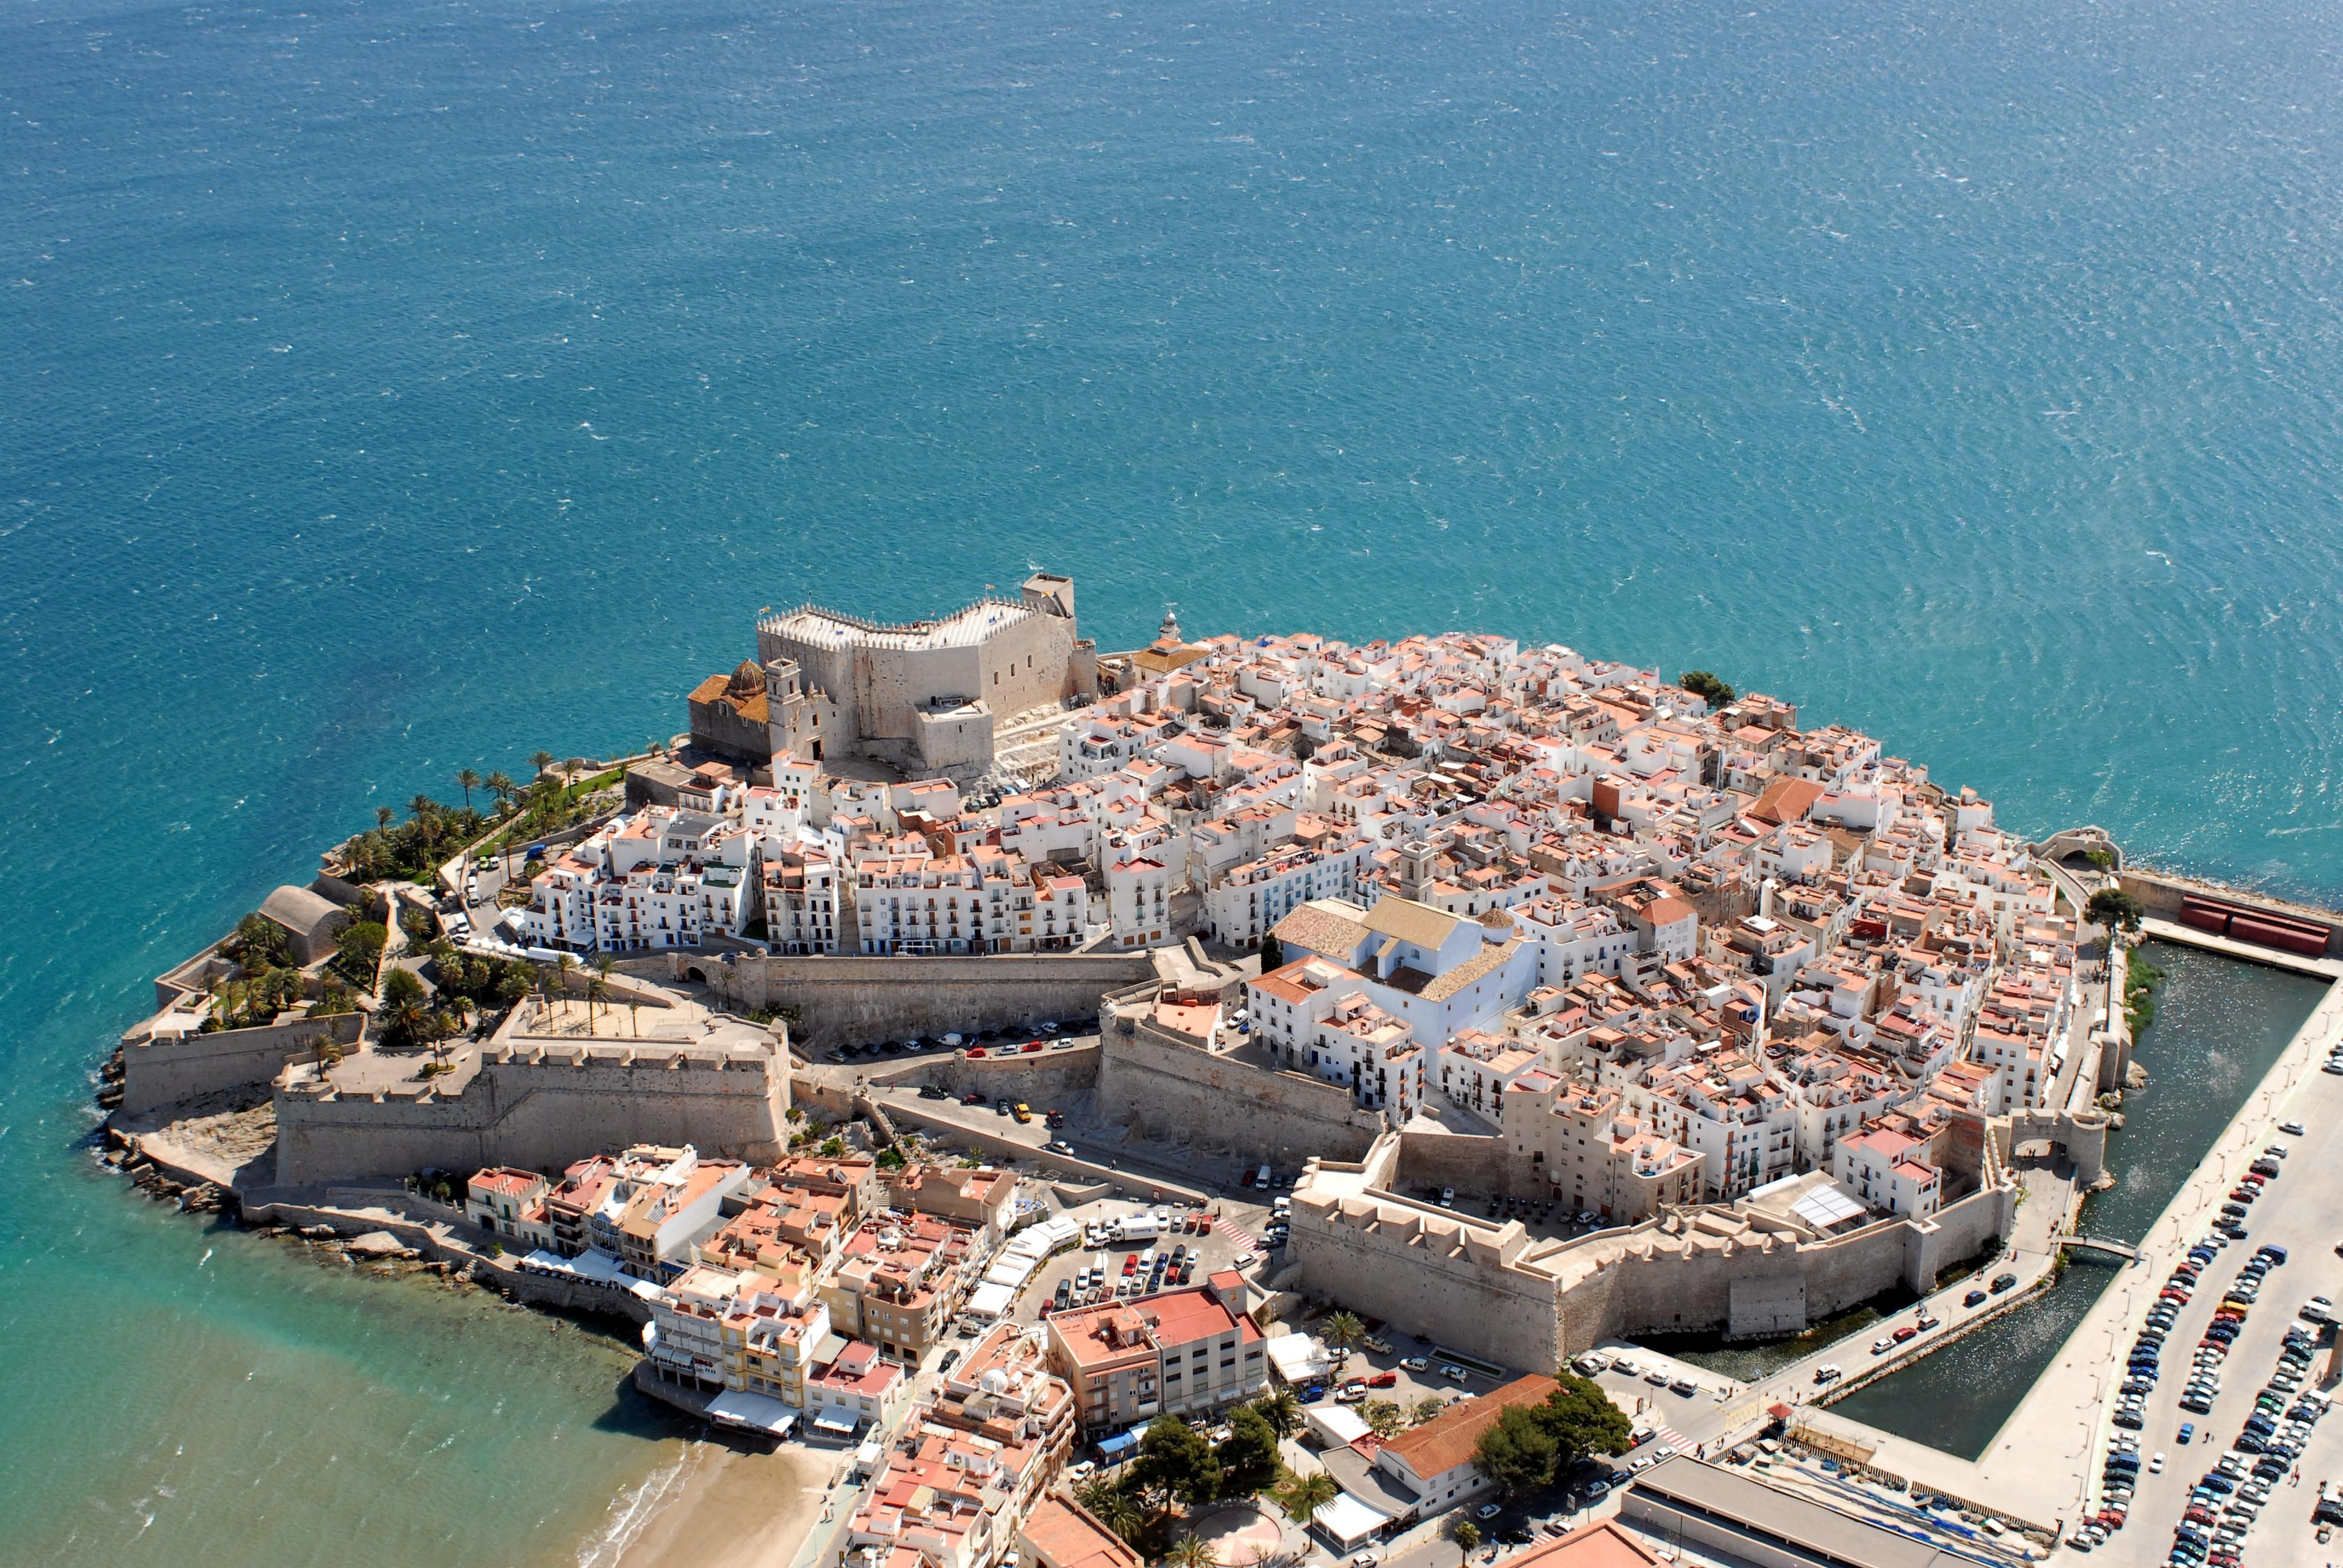 3053 - Los pueblos más bonitos de España ¡Averigua cuáles son!